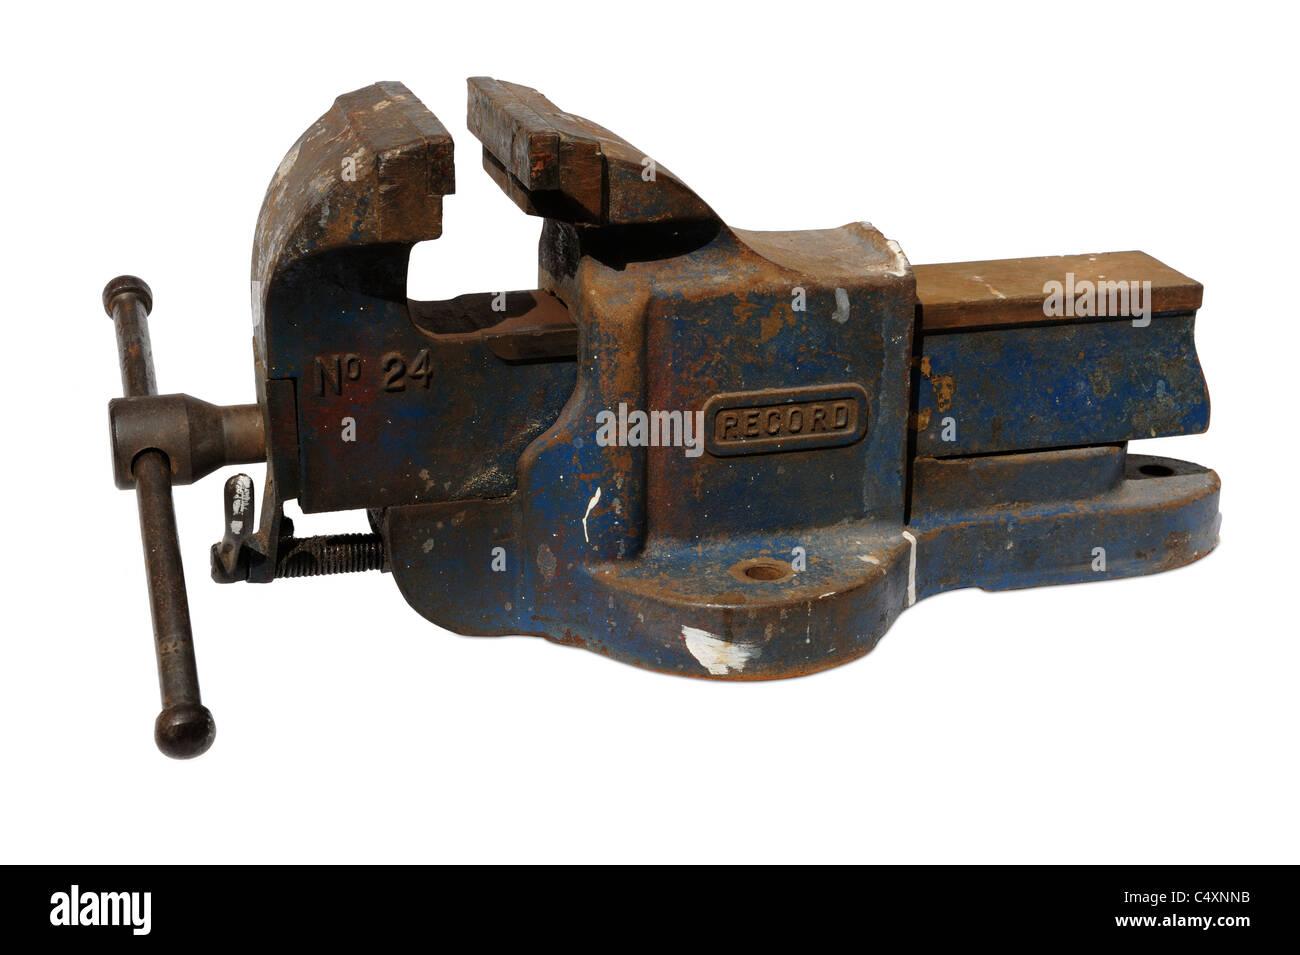 Heavy-Duty Metall Laster Stockbild